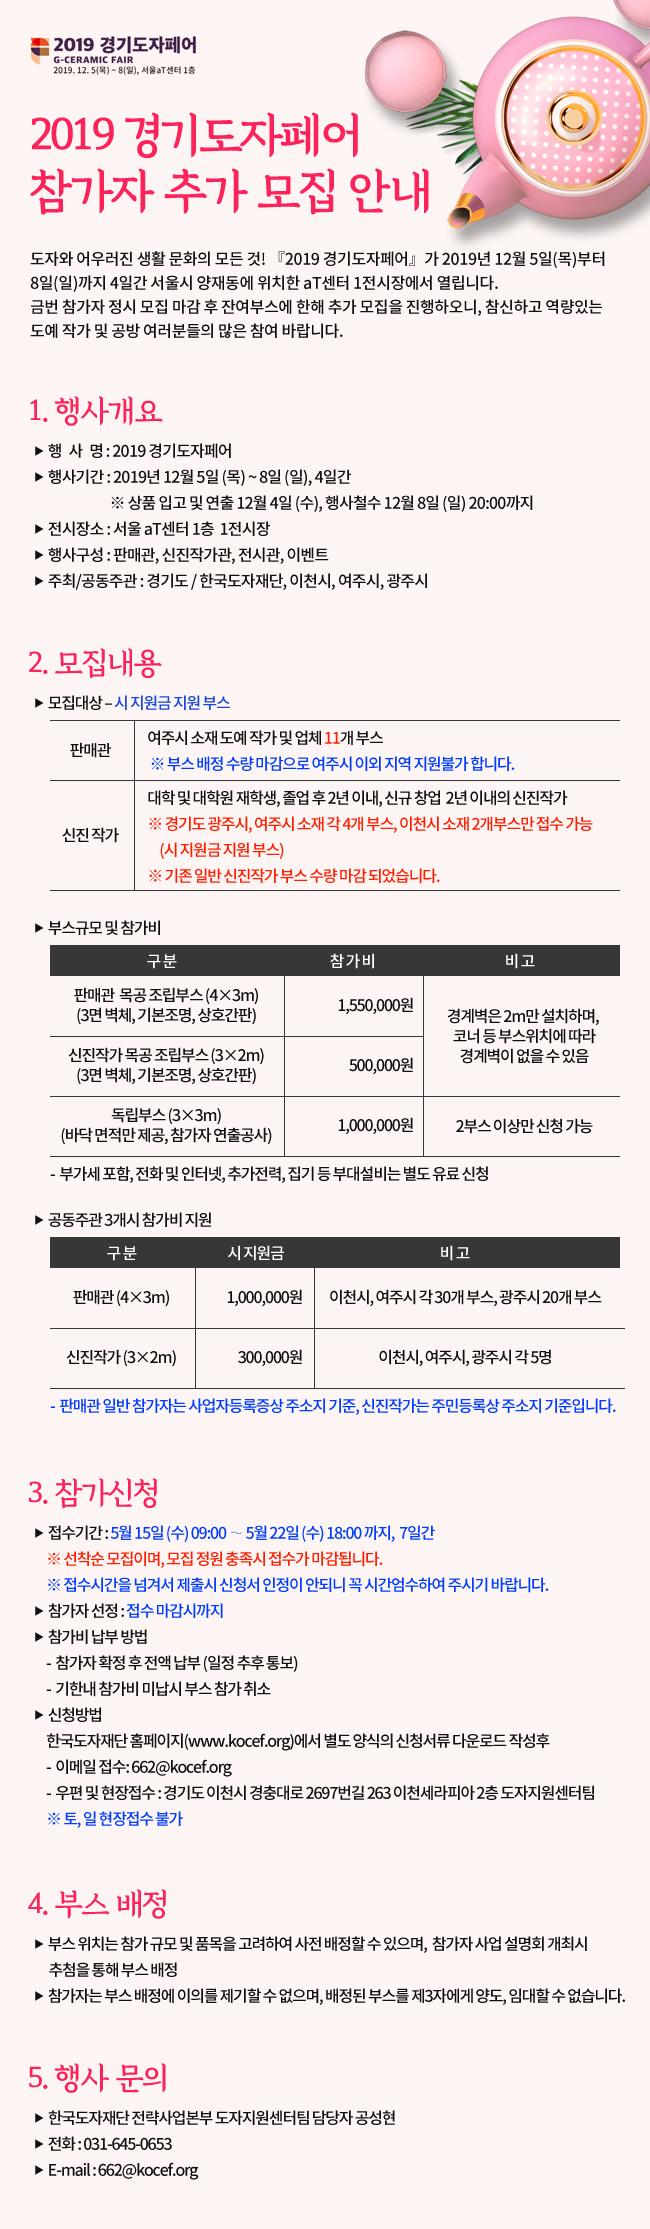 2019 경기도자페어 참가자 추가 모집 안내